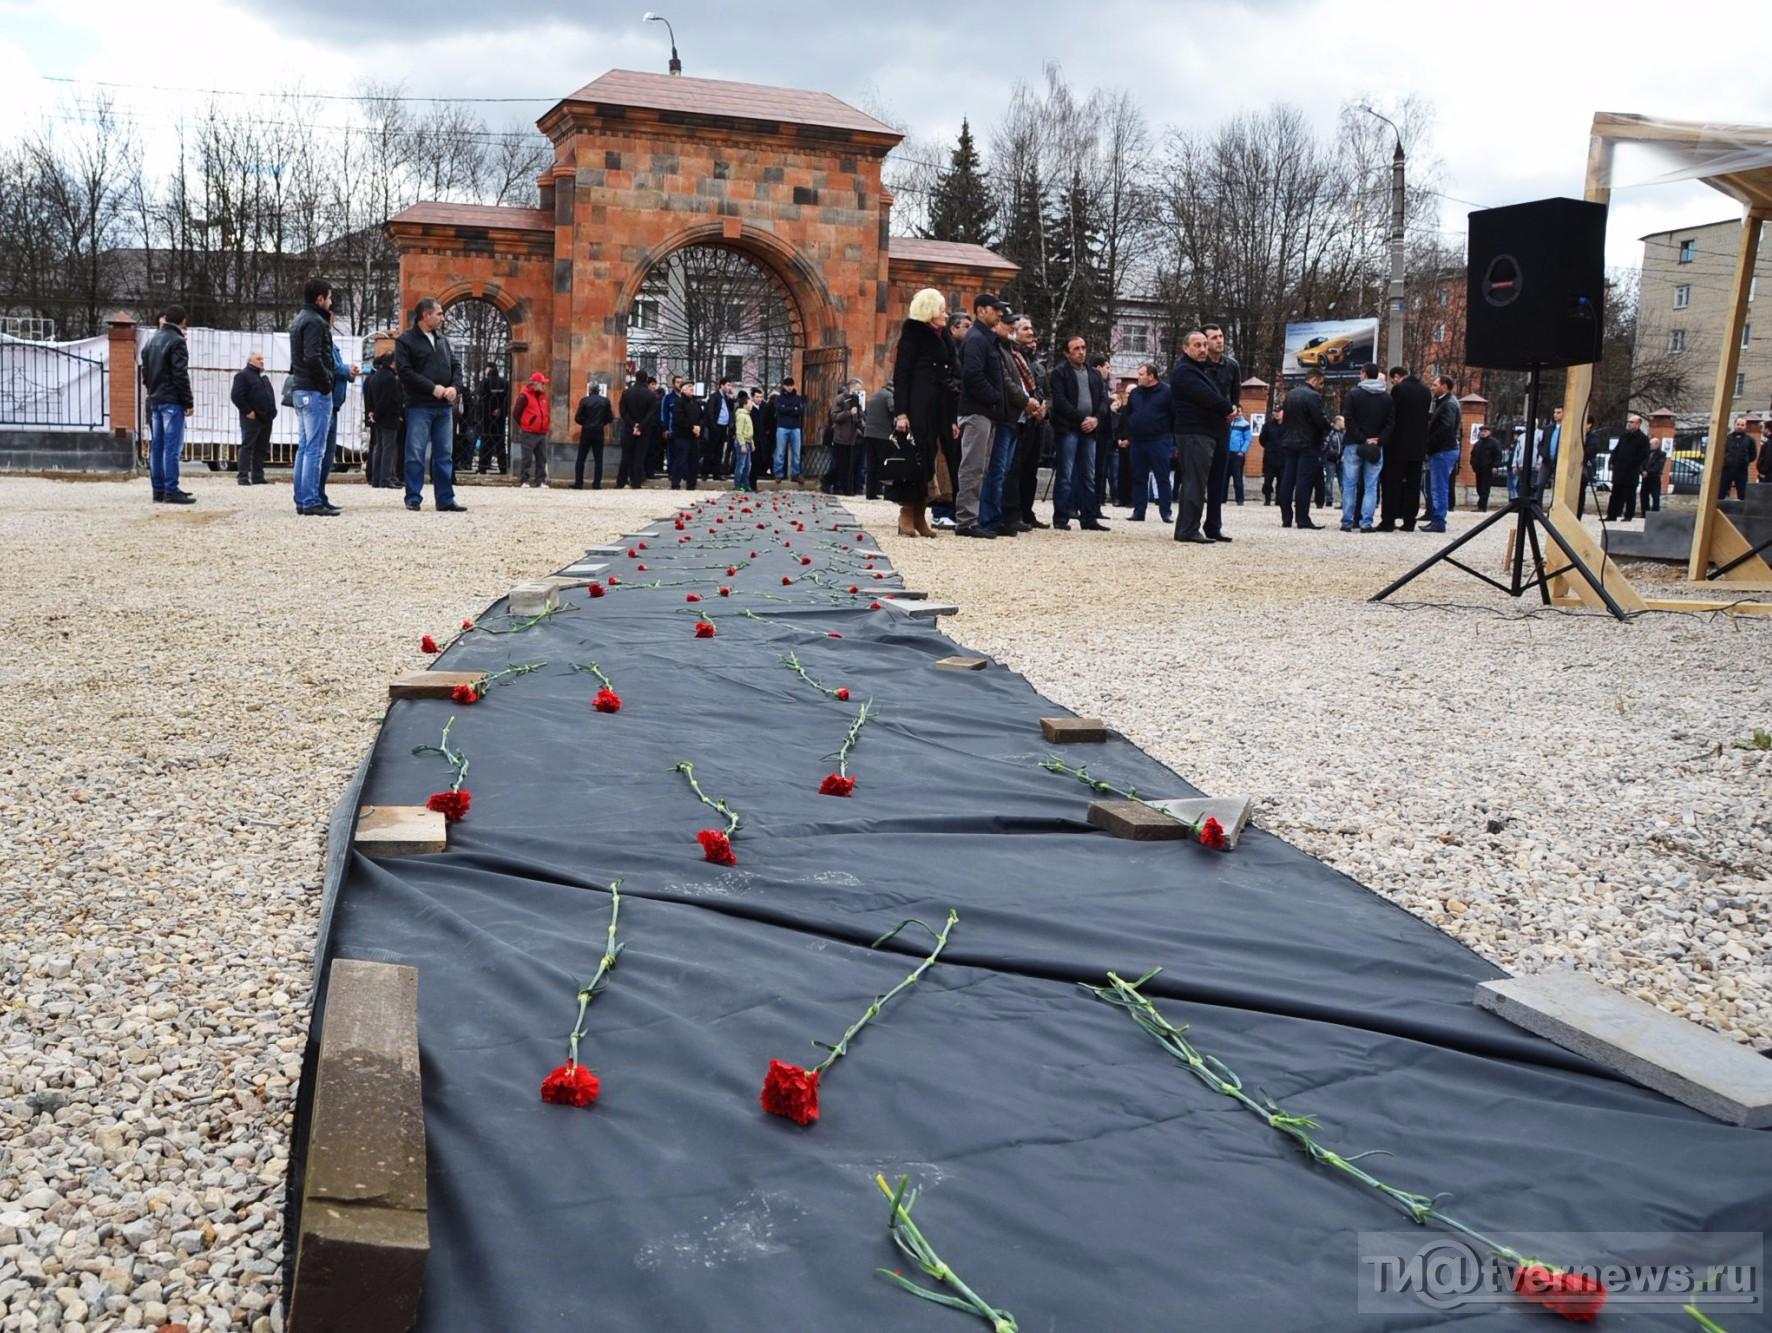 ВРостове-на-Дону почтили память жертв Геноцида армян в 1915-ом